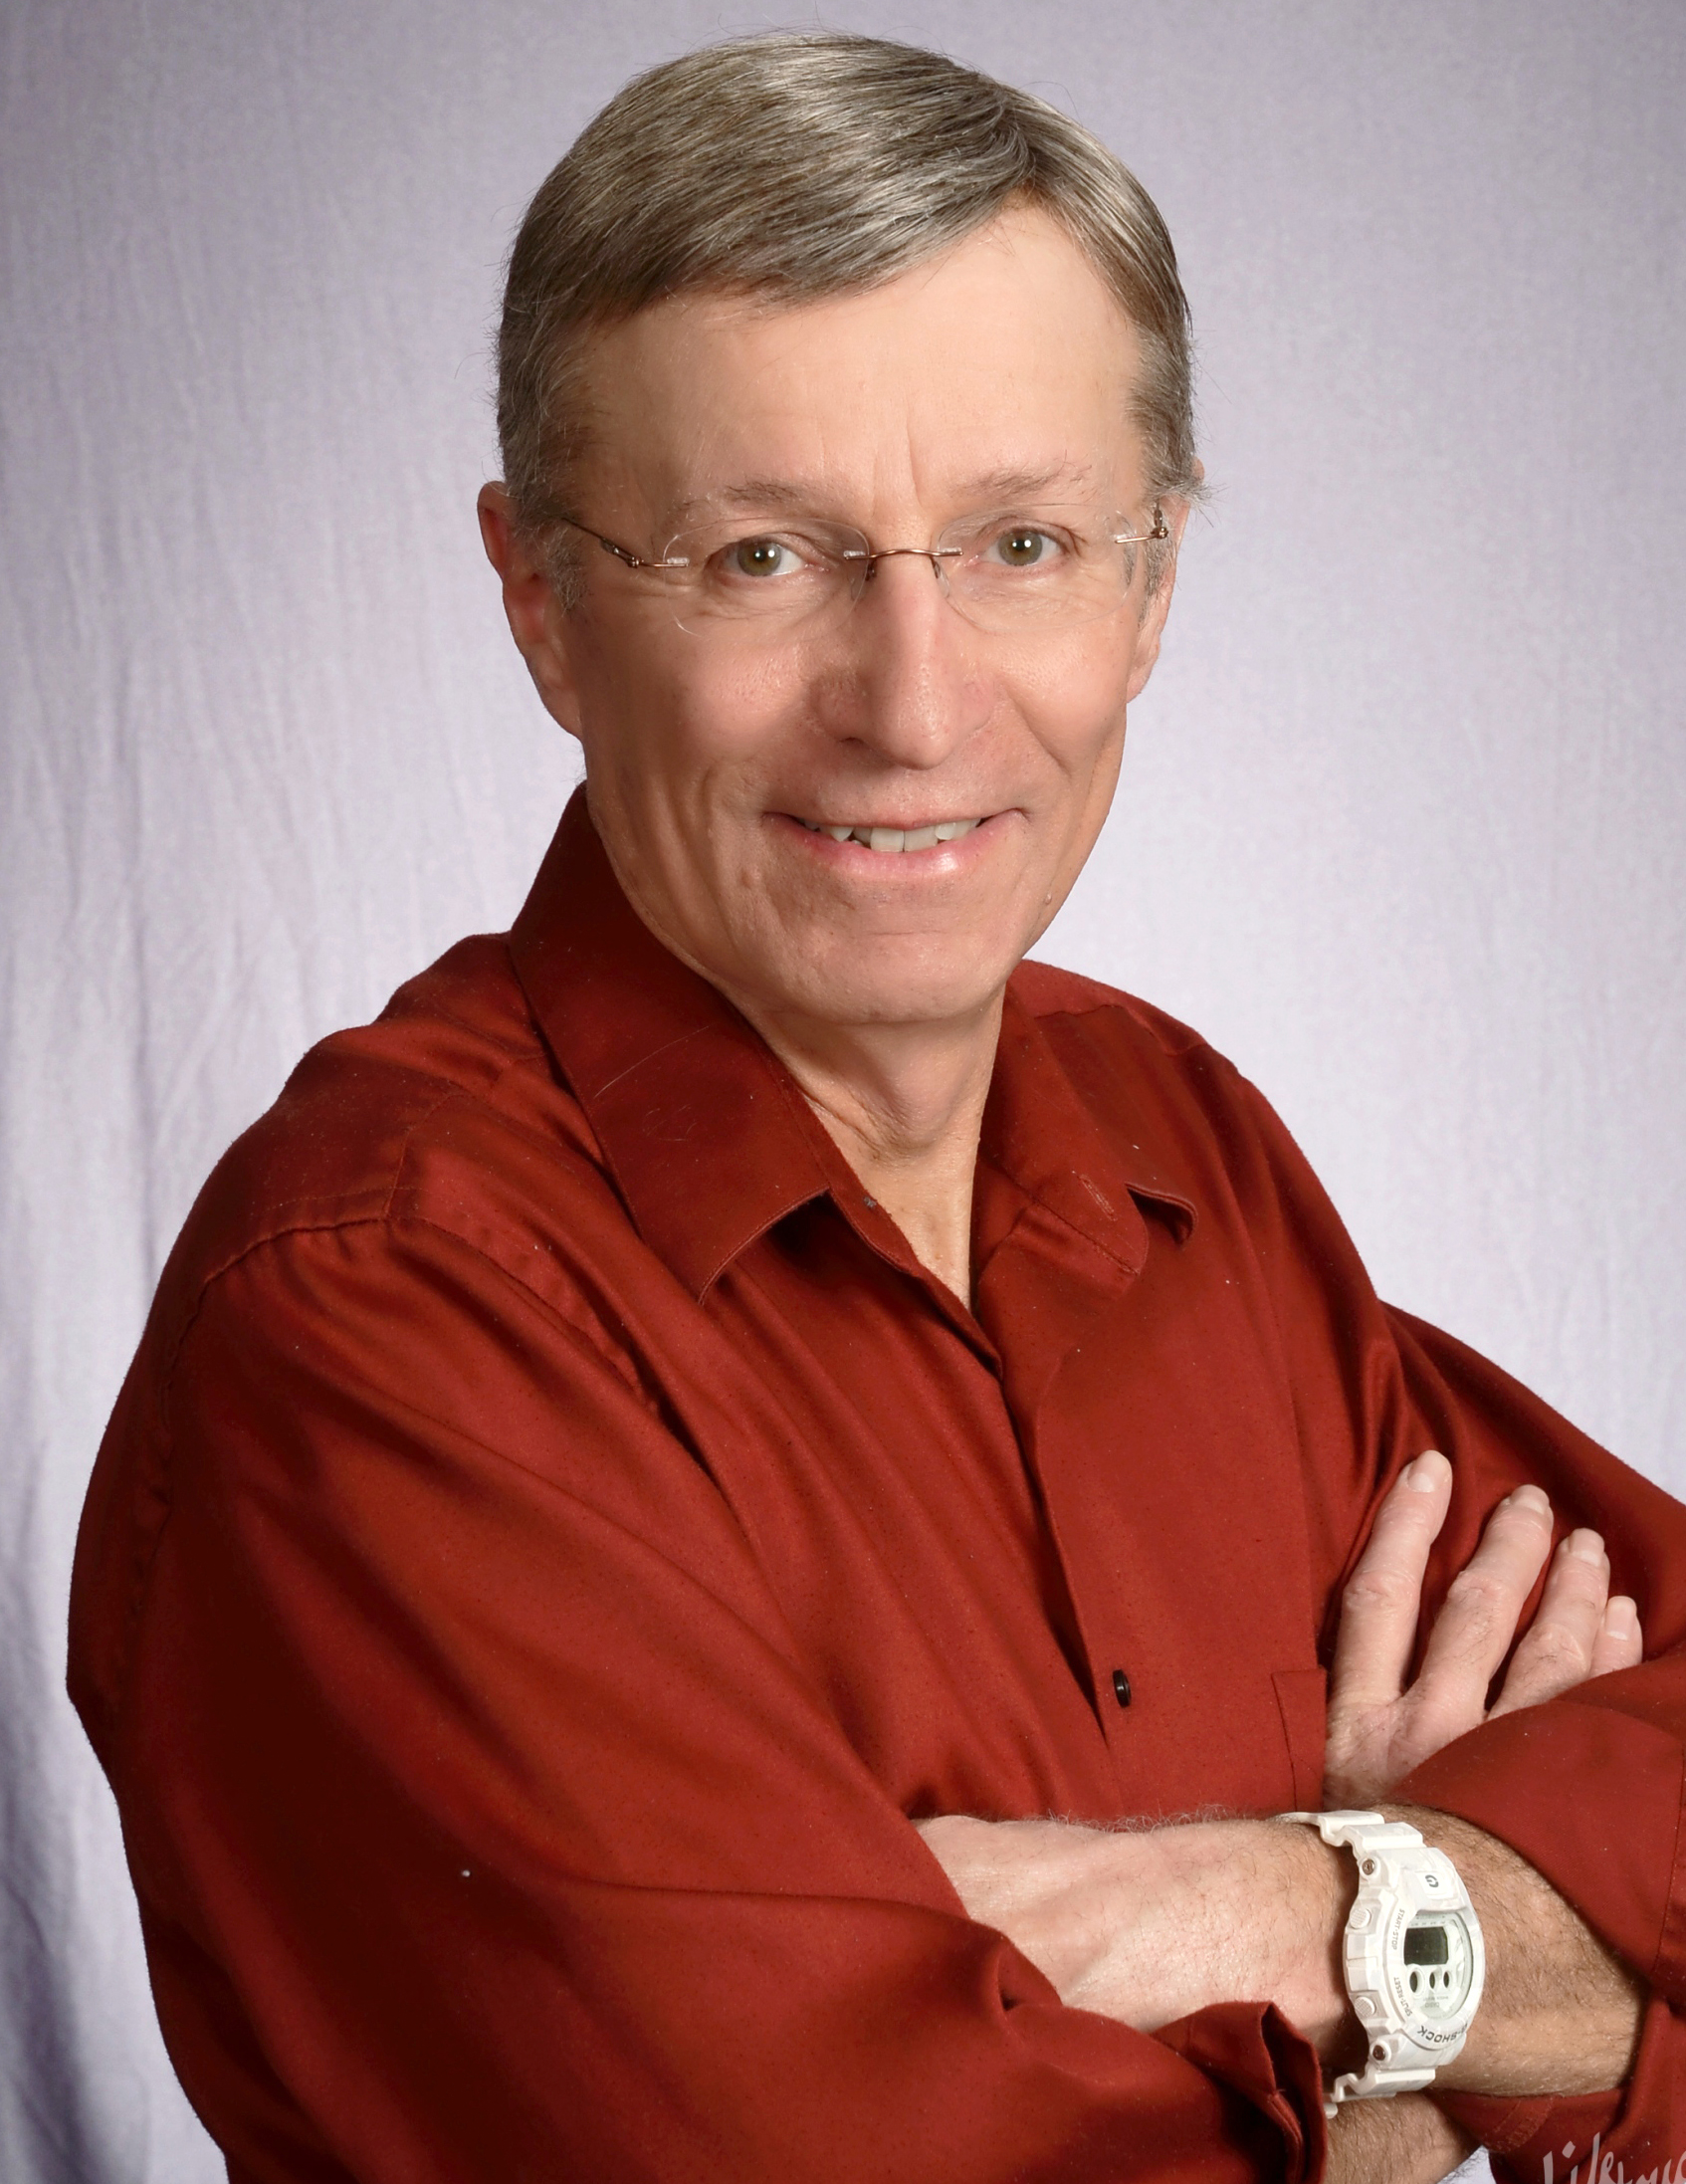 Thomas Zubert